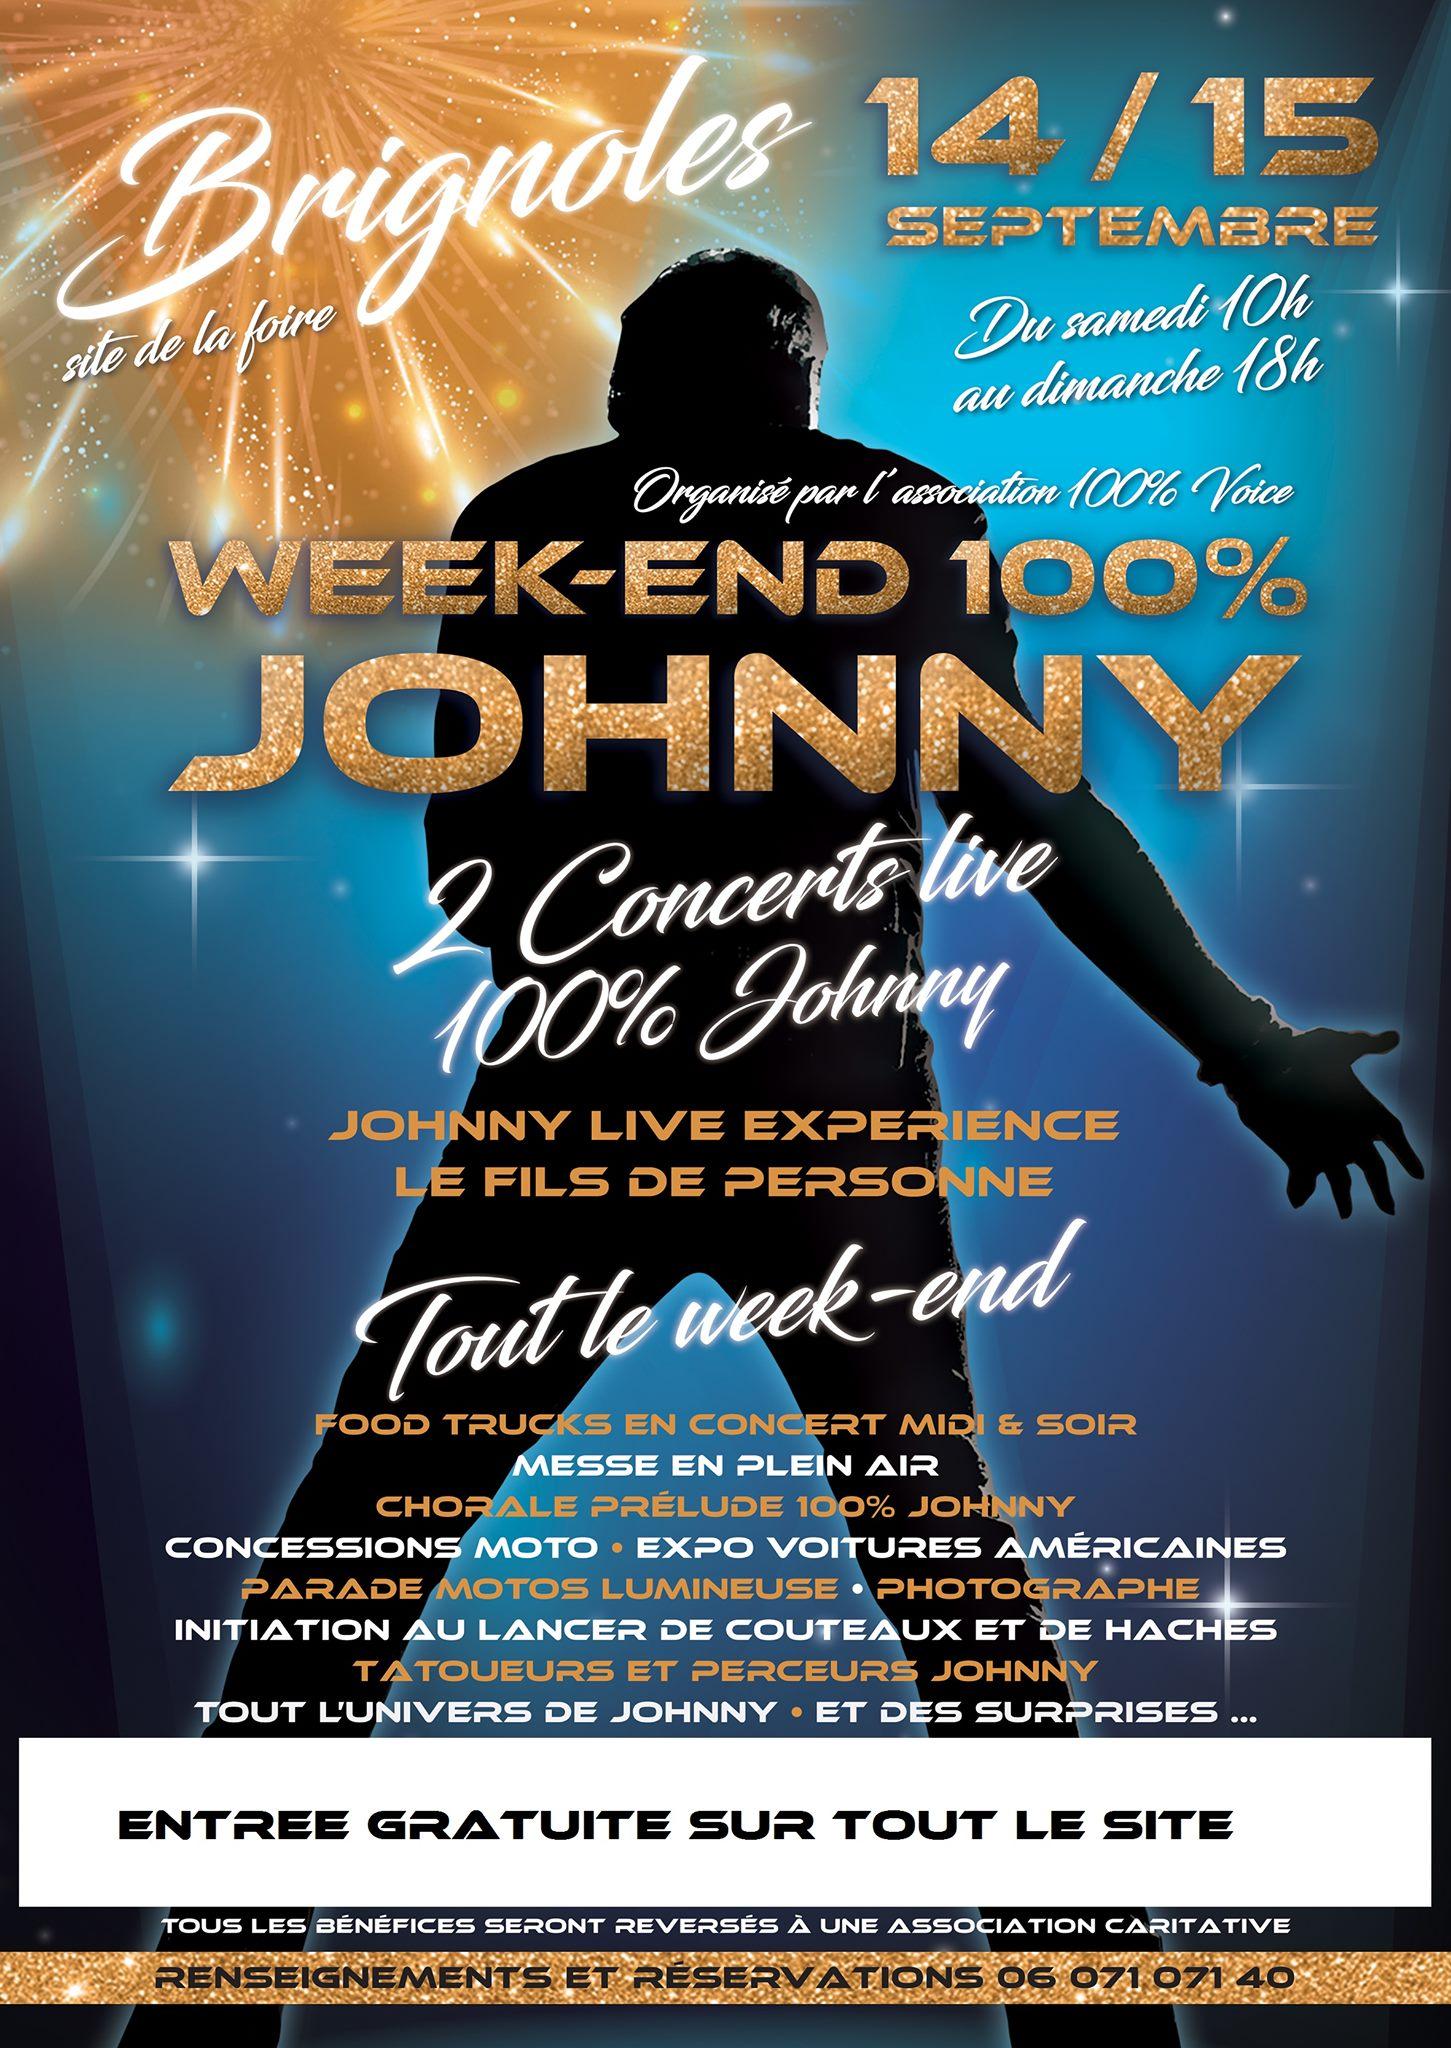 14 & 15.09 Week end 100% Johnny / Brignoles